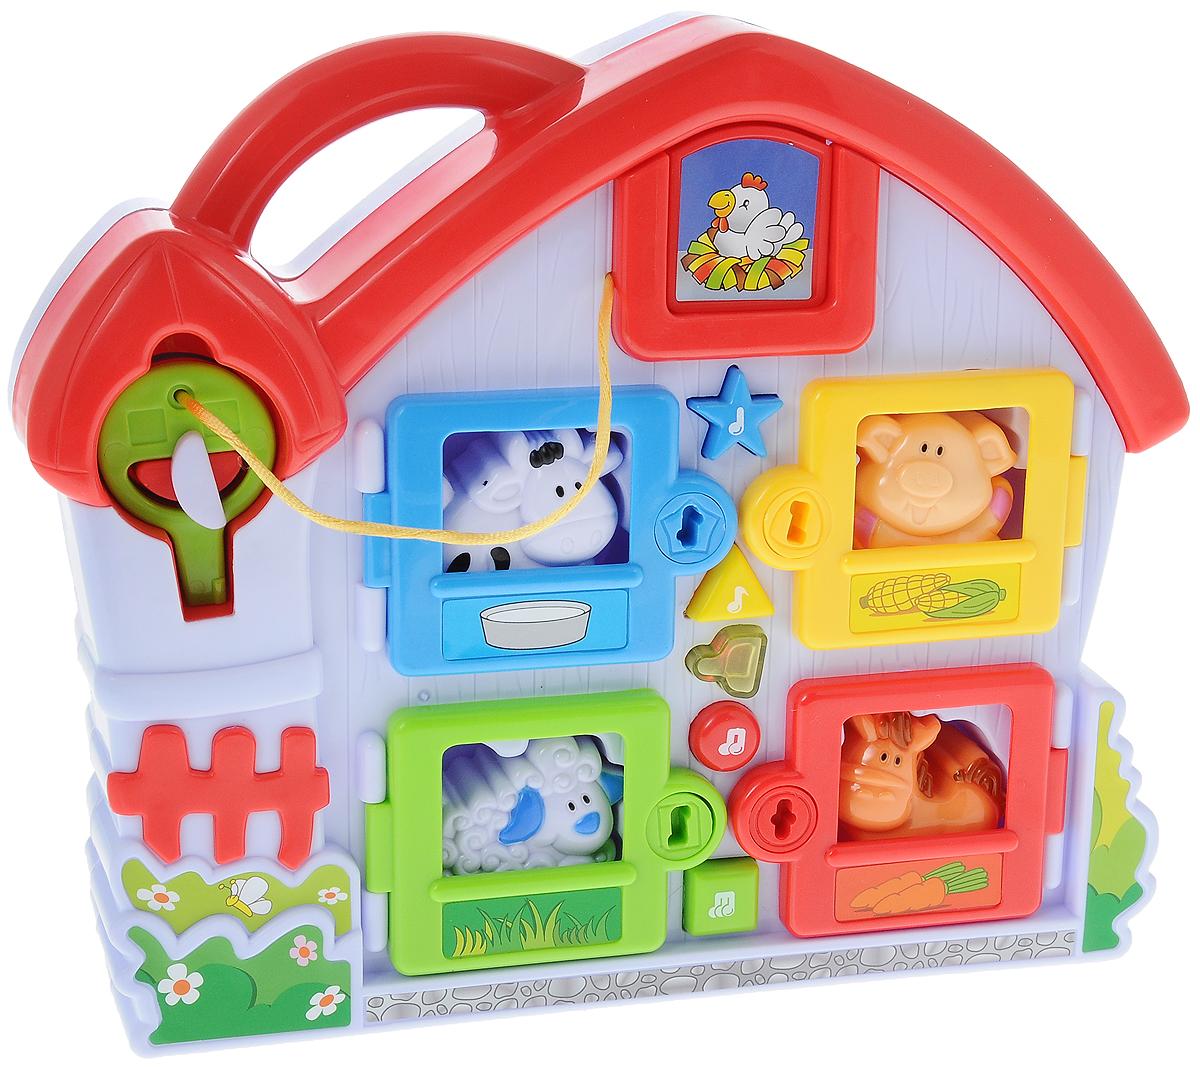 Navystar Музыкальный сортер Ферма68009-SМузыкальный сортер Navystar Ферма станет прекрасным подарком для вашего ребенка. Эта развивающая игрушка предлагает ребенку найти домик для поросенка, овечки, коровки и лошадки в зависимости от их формы. Чтобы открыть домик для животного, нужно воспользоваться ключом, цвет которого соответствует оттенку домика. А если обитатели музыкальной фермы проголодаются, их можно покормить, перевернув игрушку обратной стороной и разместив животных в соответствующих отверстиях. Игра сопровождается 15 мелодиями со световыми эффектами и реалистичными звуками. Музыкальная игрушка предназначена для детей от 1 года. Рекомендуется докупить 2 батарейки типа АА (товар комплектуется демонстрационными).